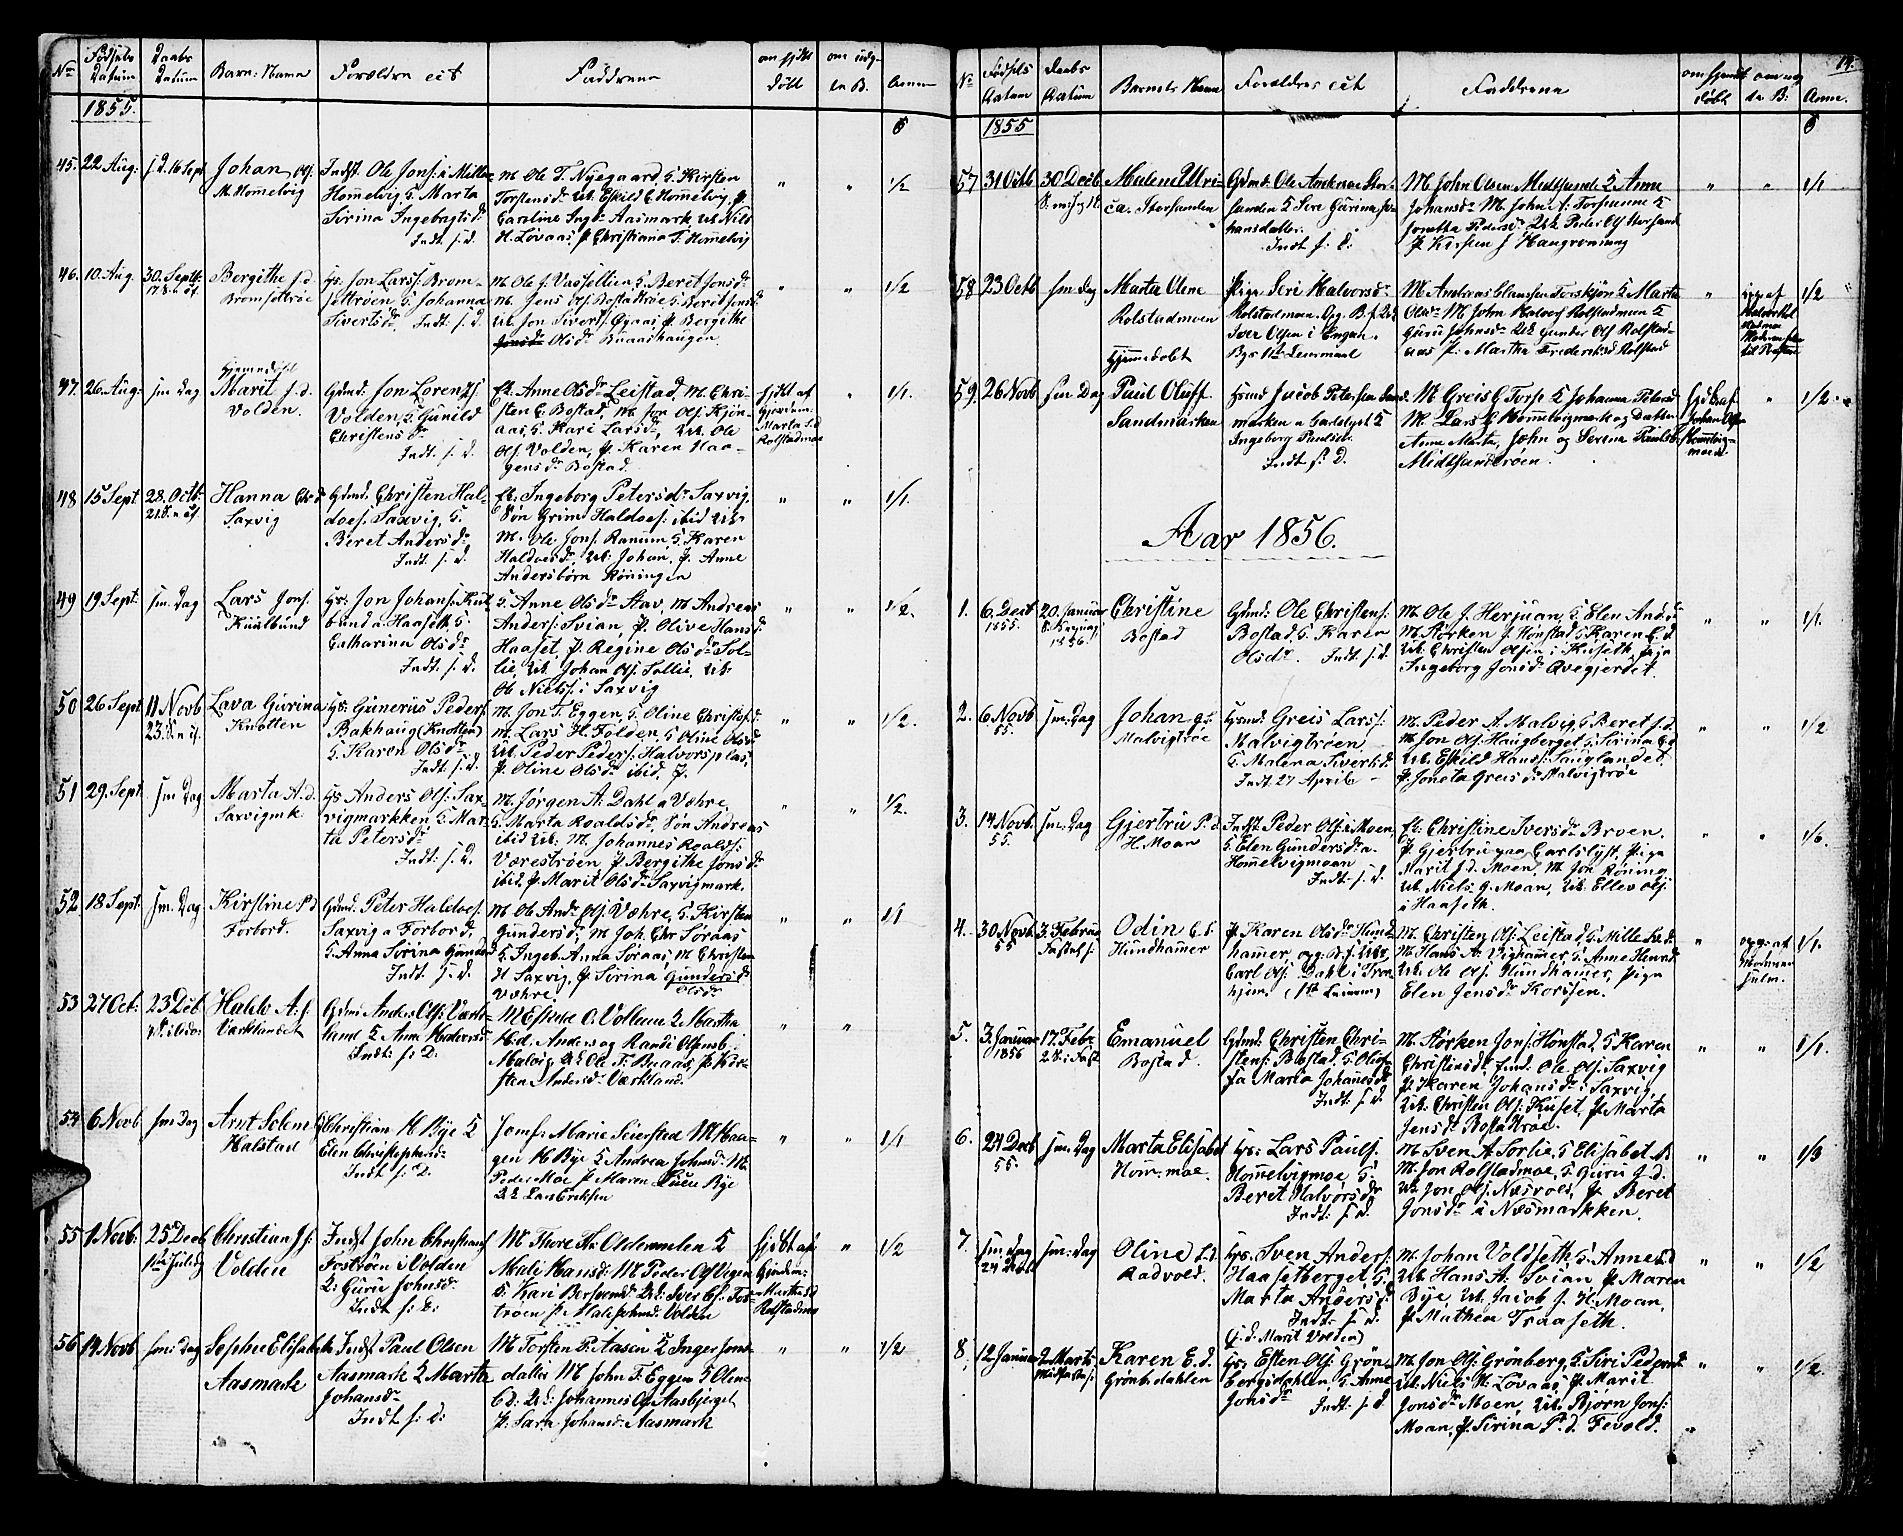 SAT, Ministerialprotokoller, klokkerbøker og fødselsregistre - Sør-Trøndelag, 616/L0422: Klokkerbok nr. 616C05, 1850-1888, s. 14